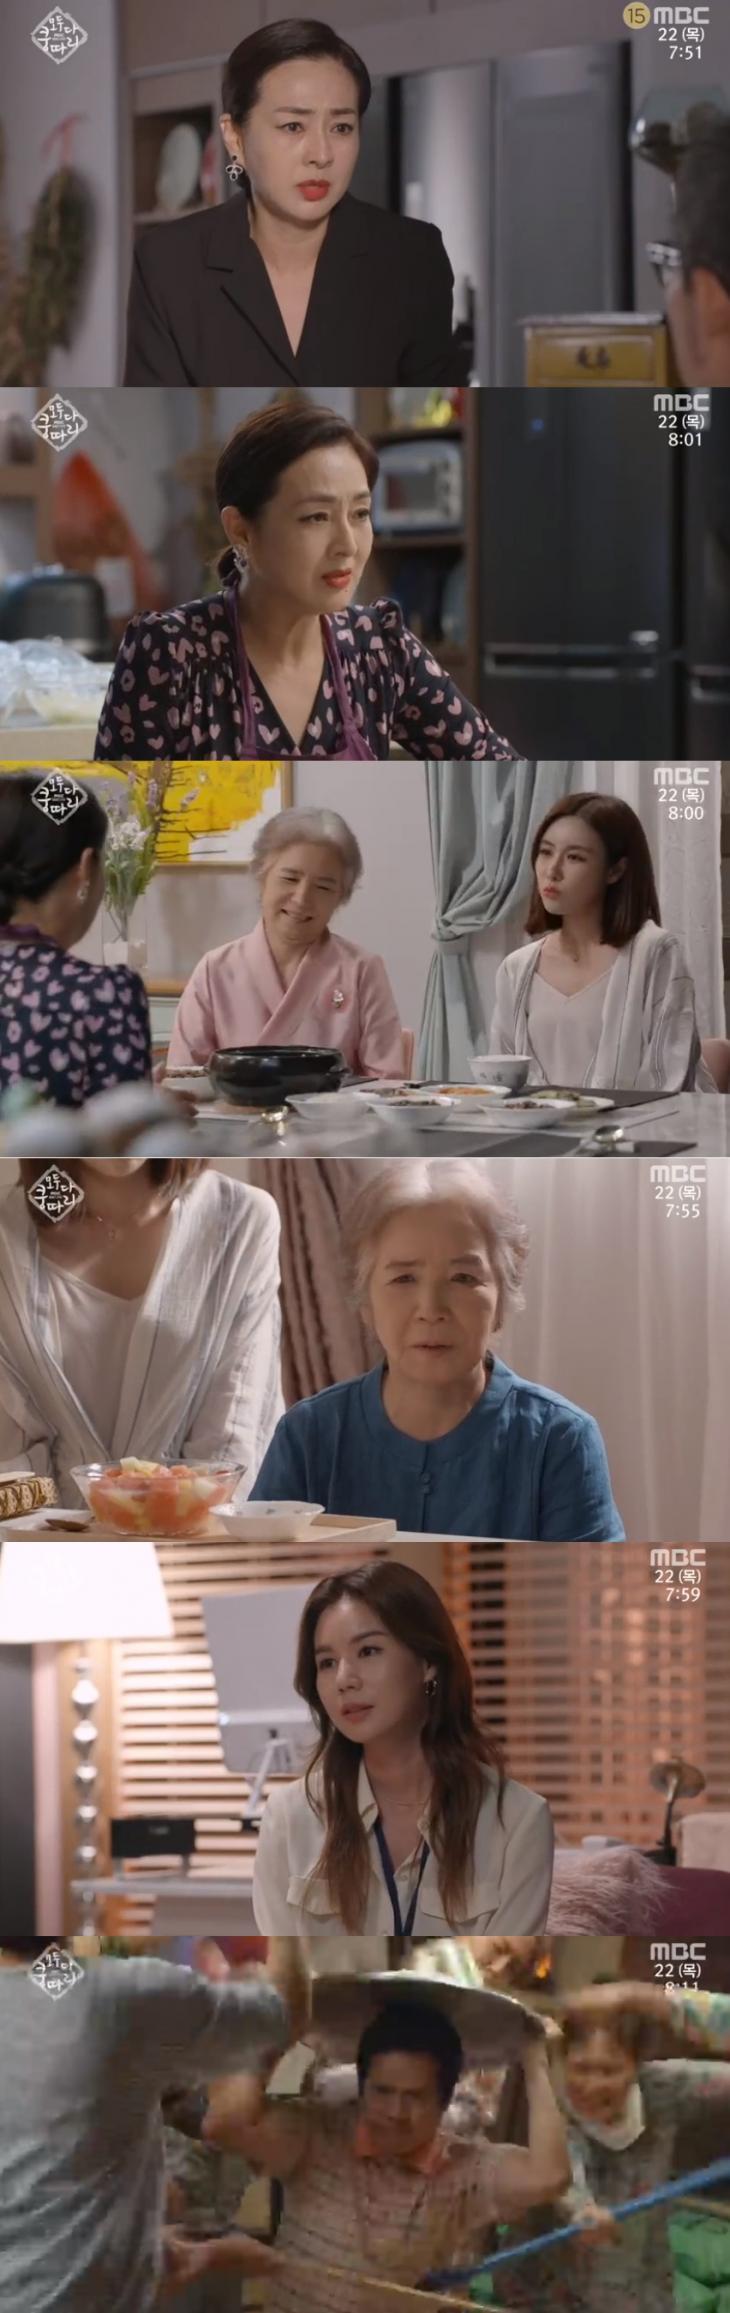 박시은 김호진 이보희 / MBC '모두다쿵따리' 캡처